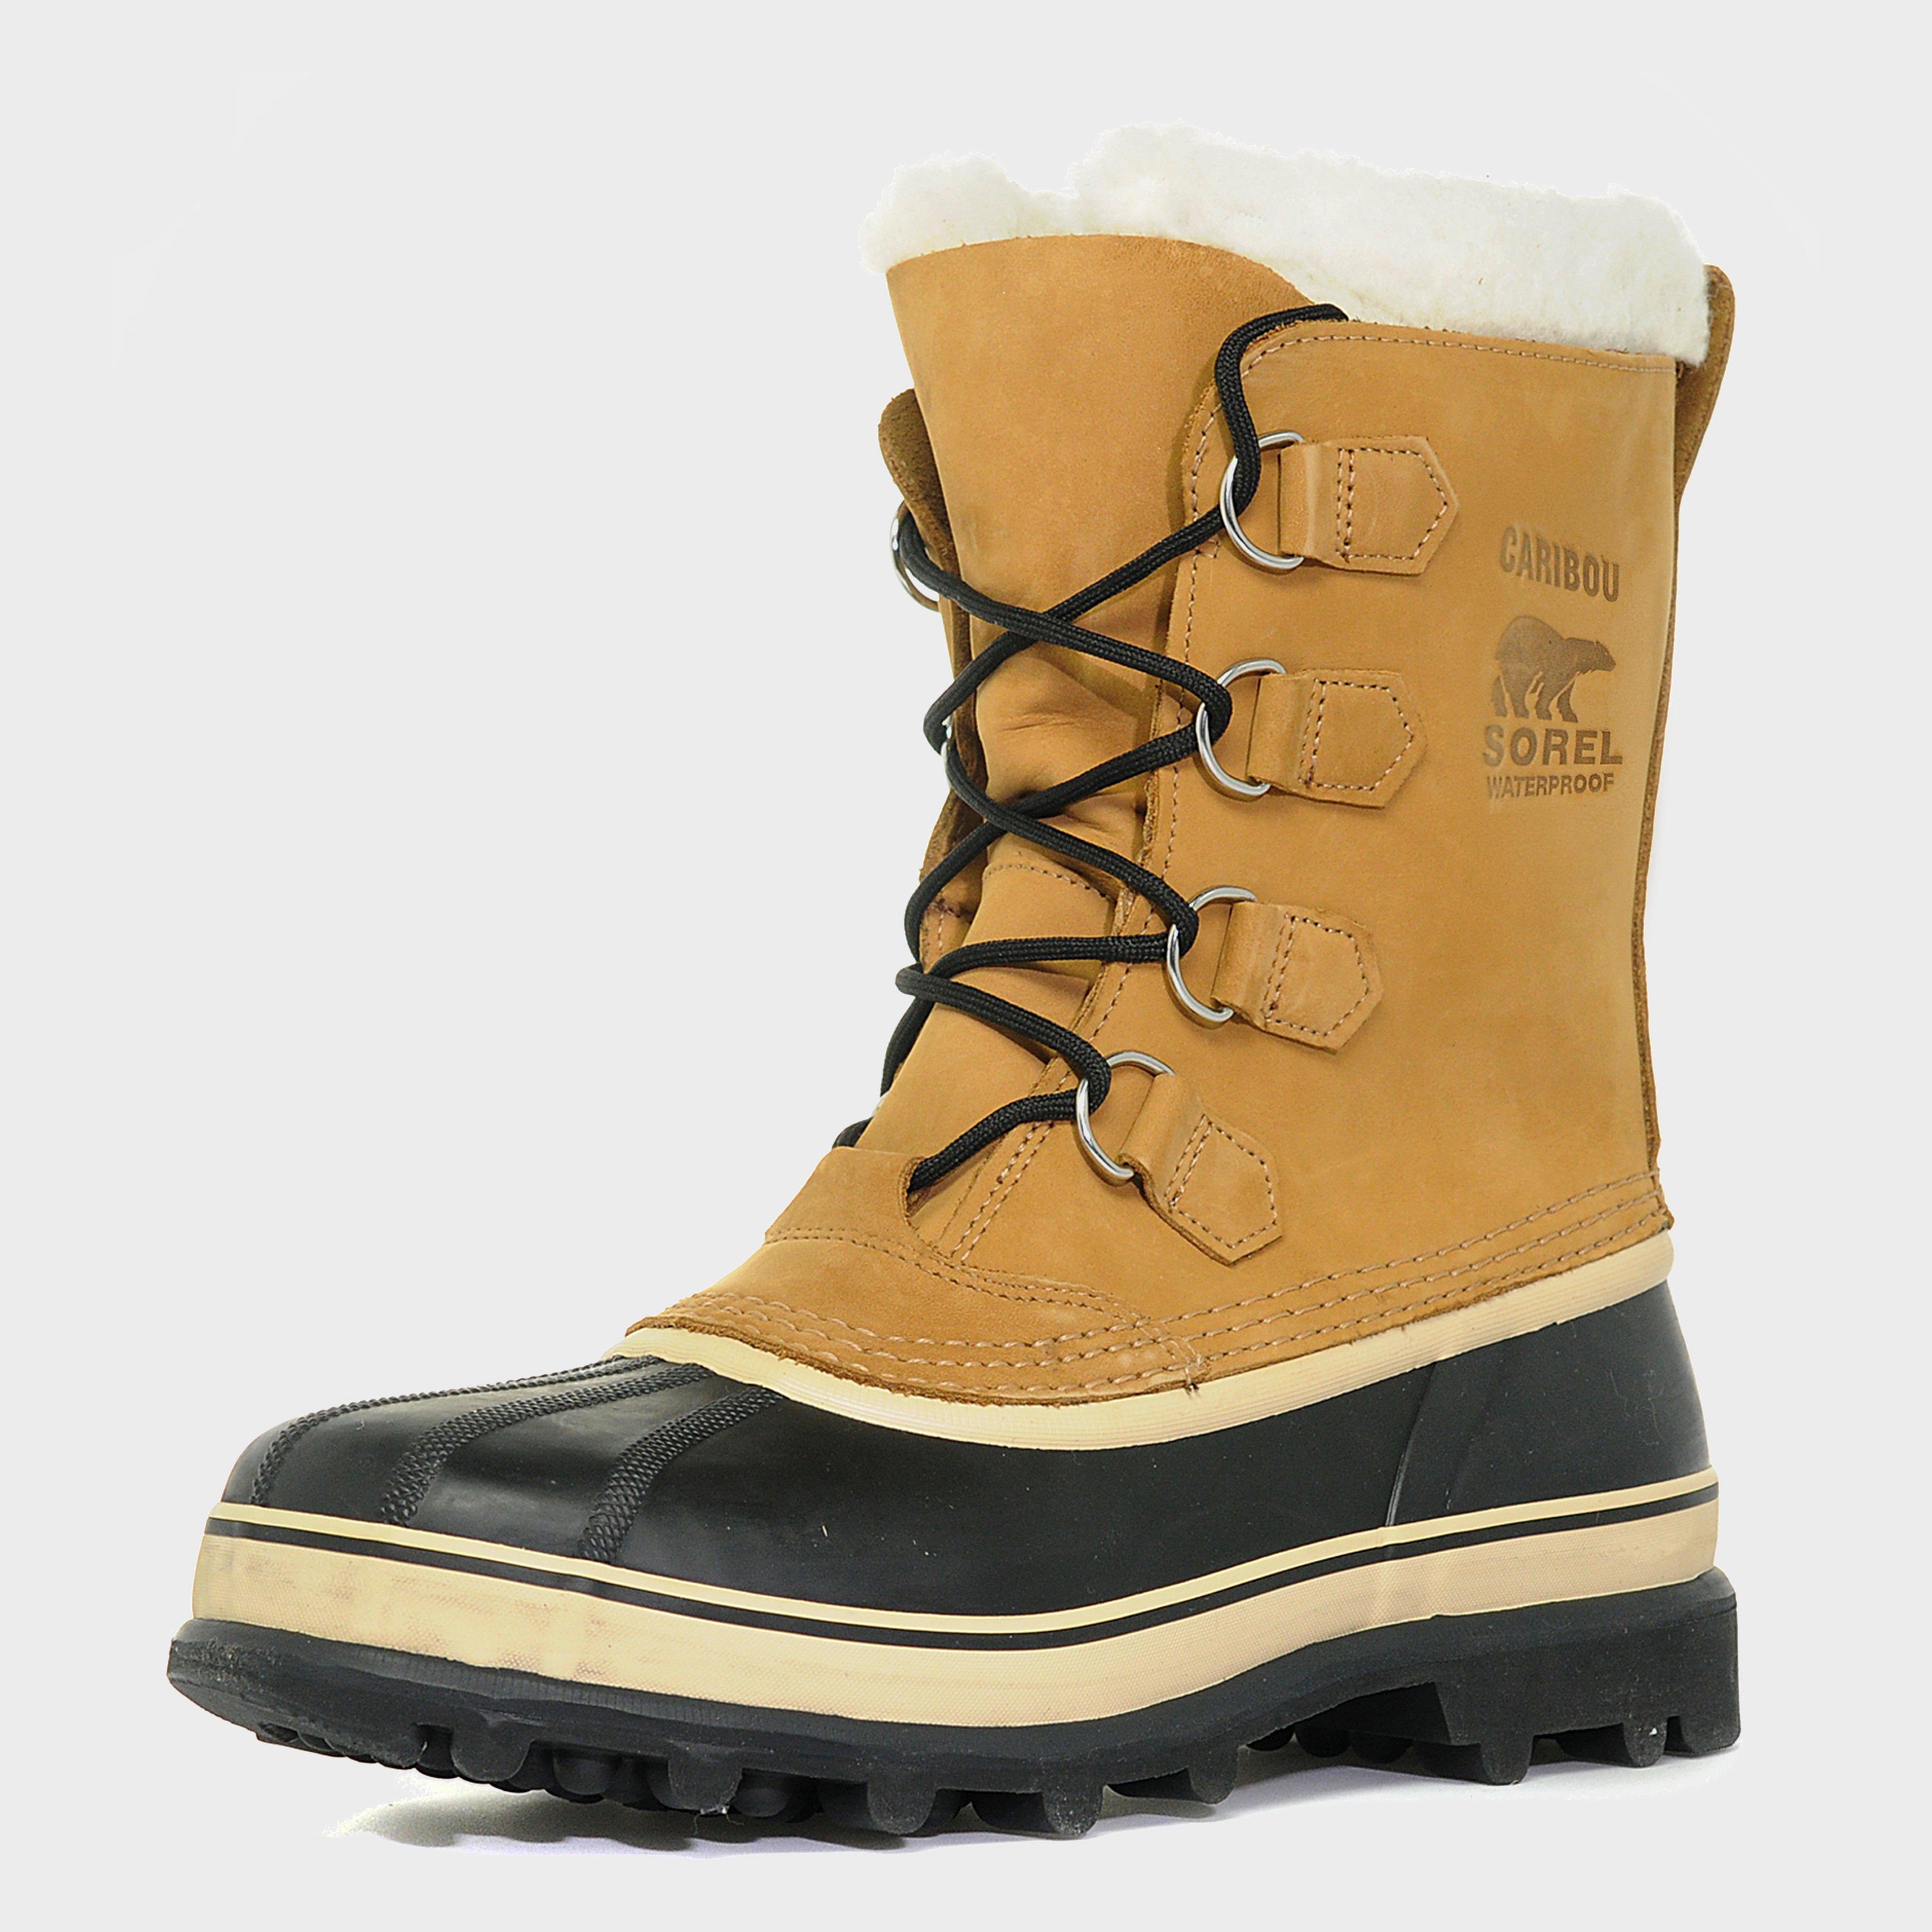 New Peter Storm Women's Walking Boot